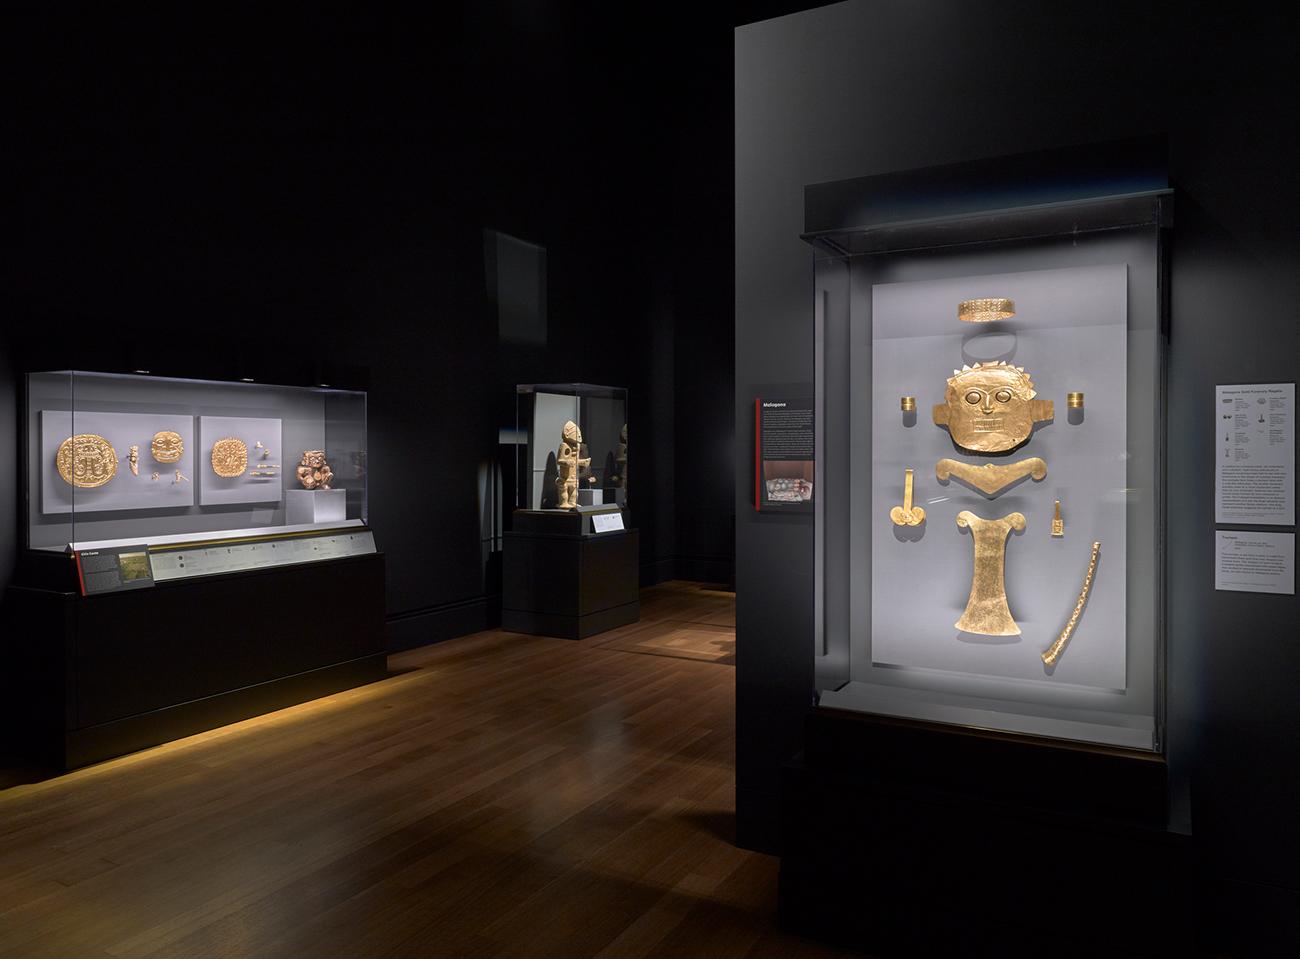 Vista de la instalación de Golden Kingdoms (Reinos del oro), mostrando relieves dorados iluminados de forma dramática en un cuarto oscuro.